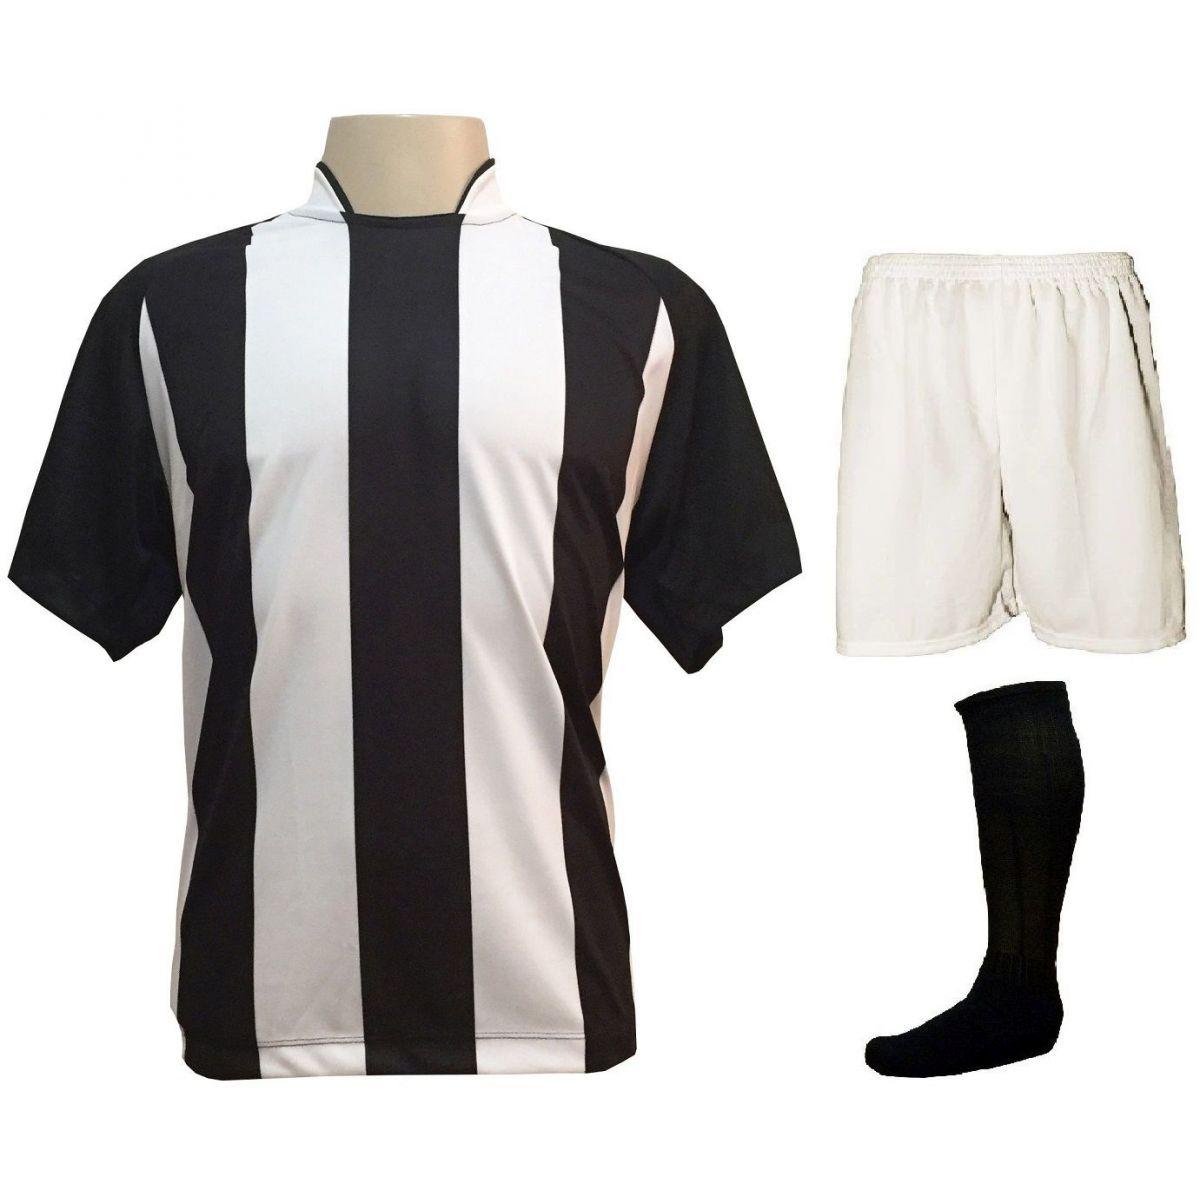 Uniforme Esportivo com 12 Camisas modelo Milan Preto/Branco + 12 Calções modelo Madrid Branco + 12 Pares de meiões Preto   - ESTAÇÃO DO ESPORTE